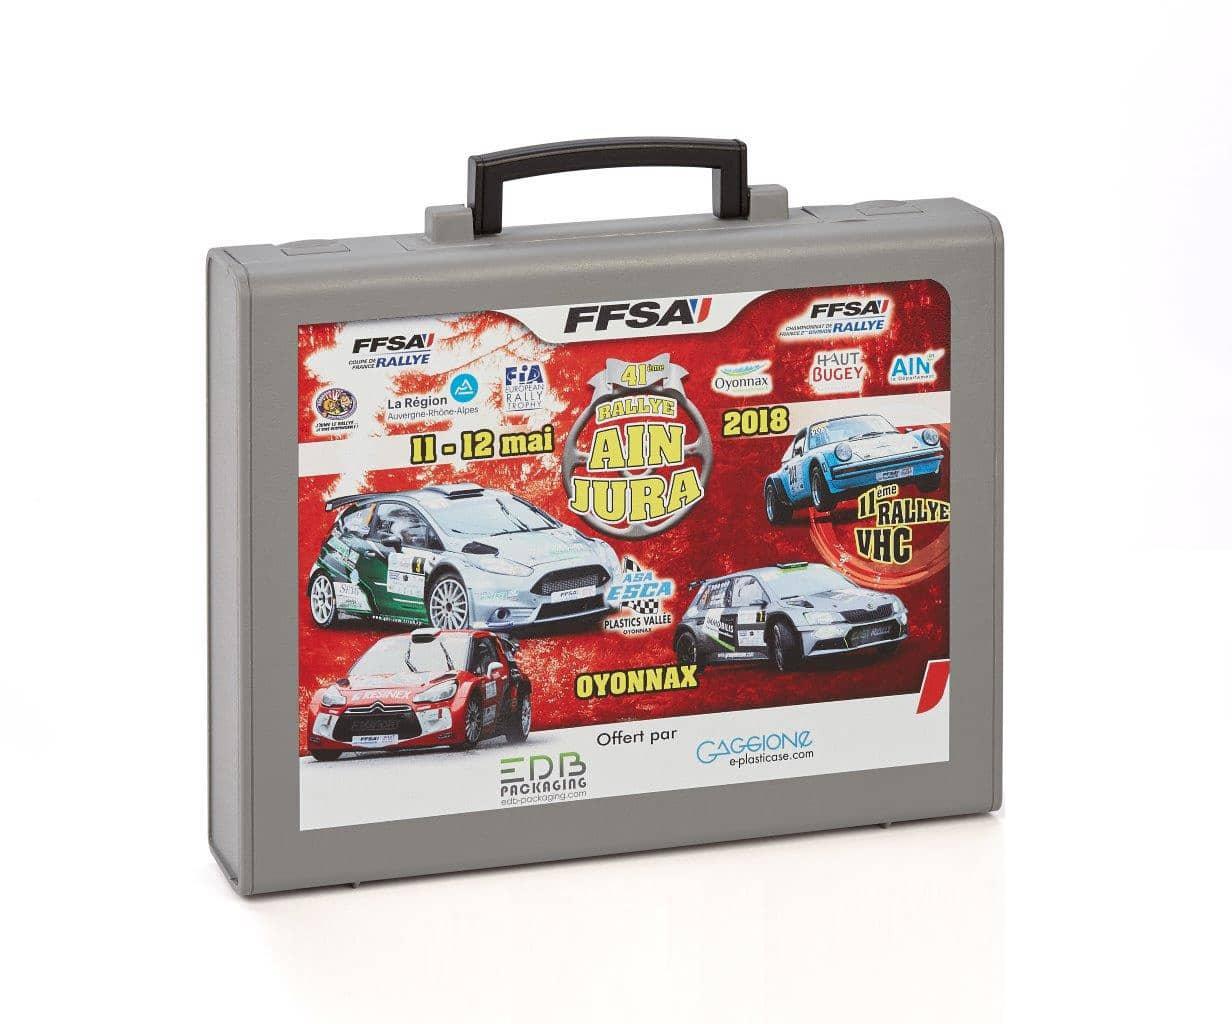 M1 Valisette plastique FFSA pour les voitures du rallye automobile